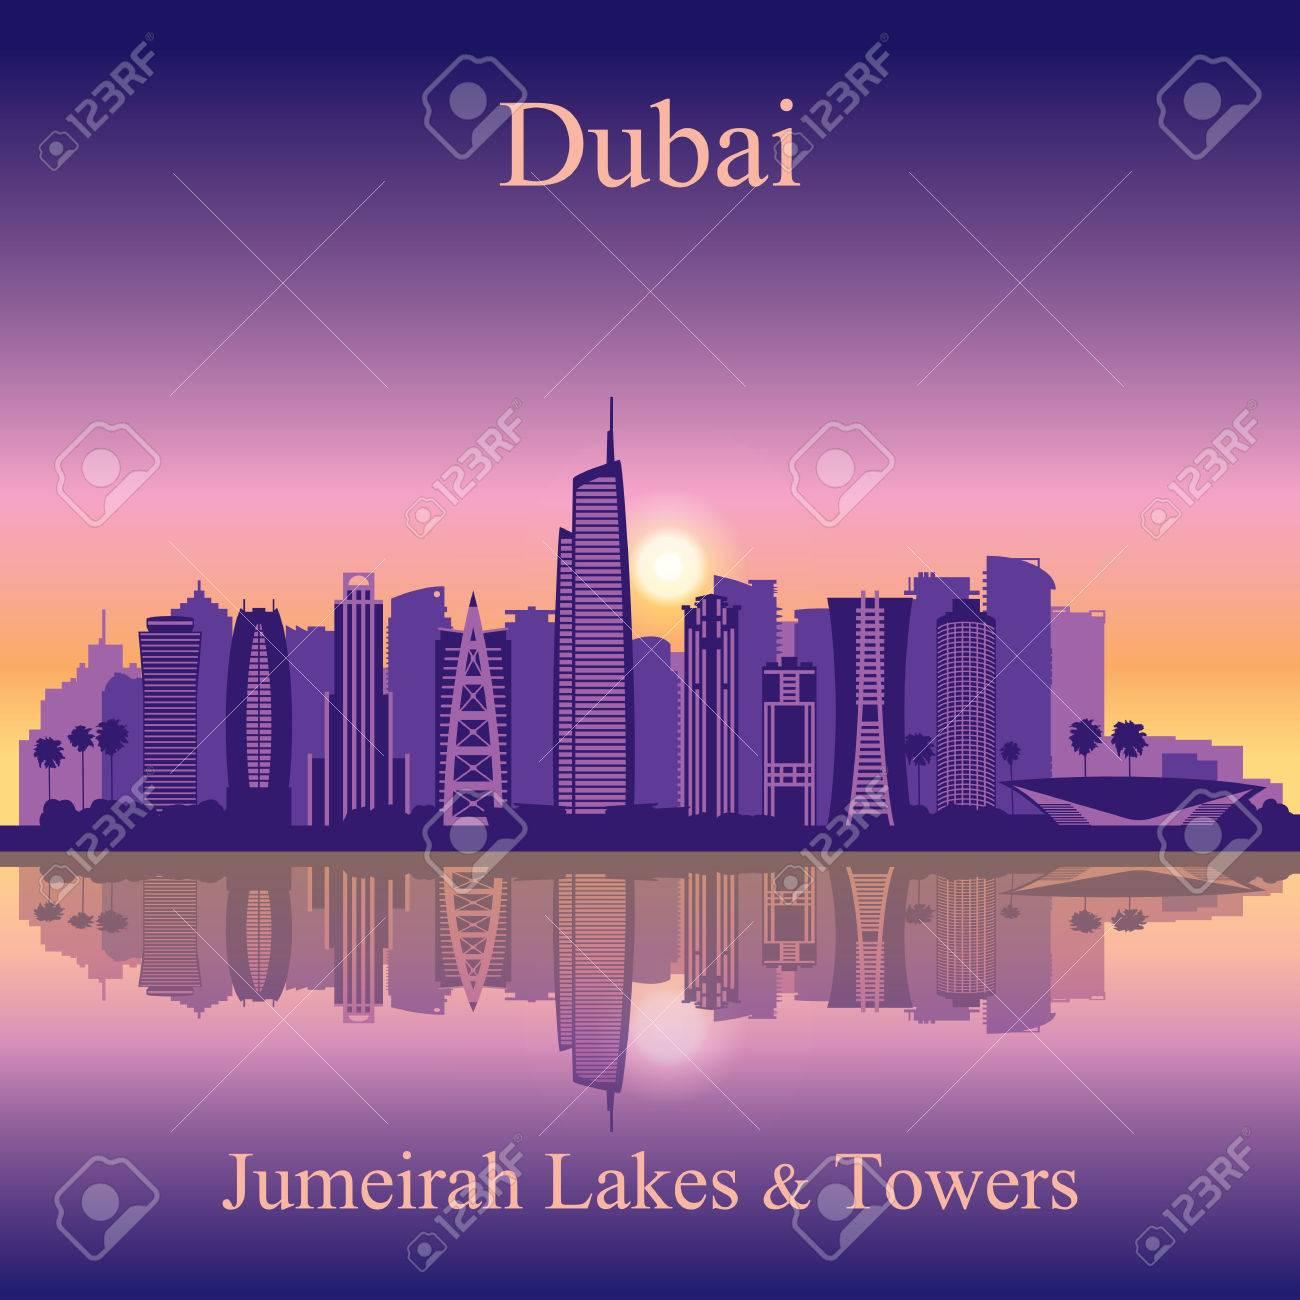 Dubai Jumeirah Lakes Towers skyline silhouette background - 46711367